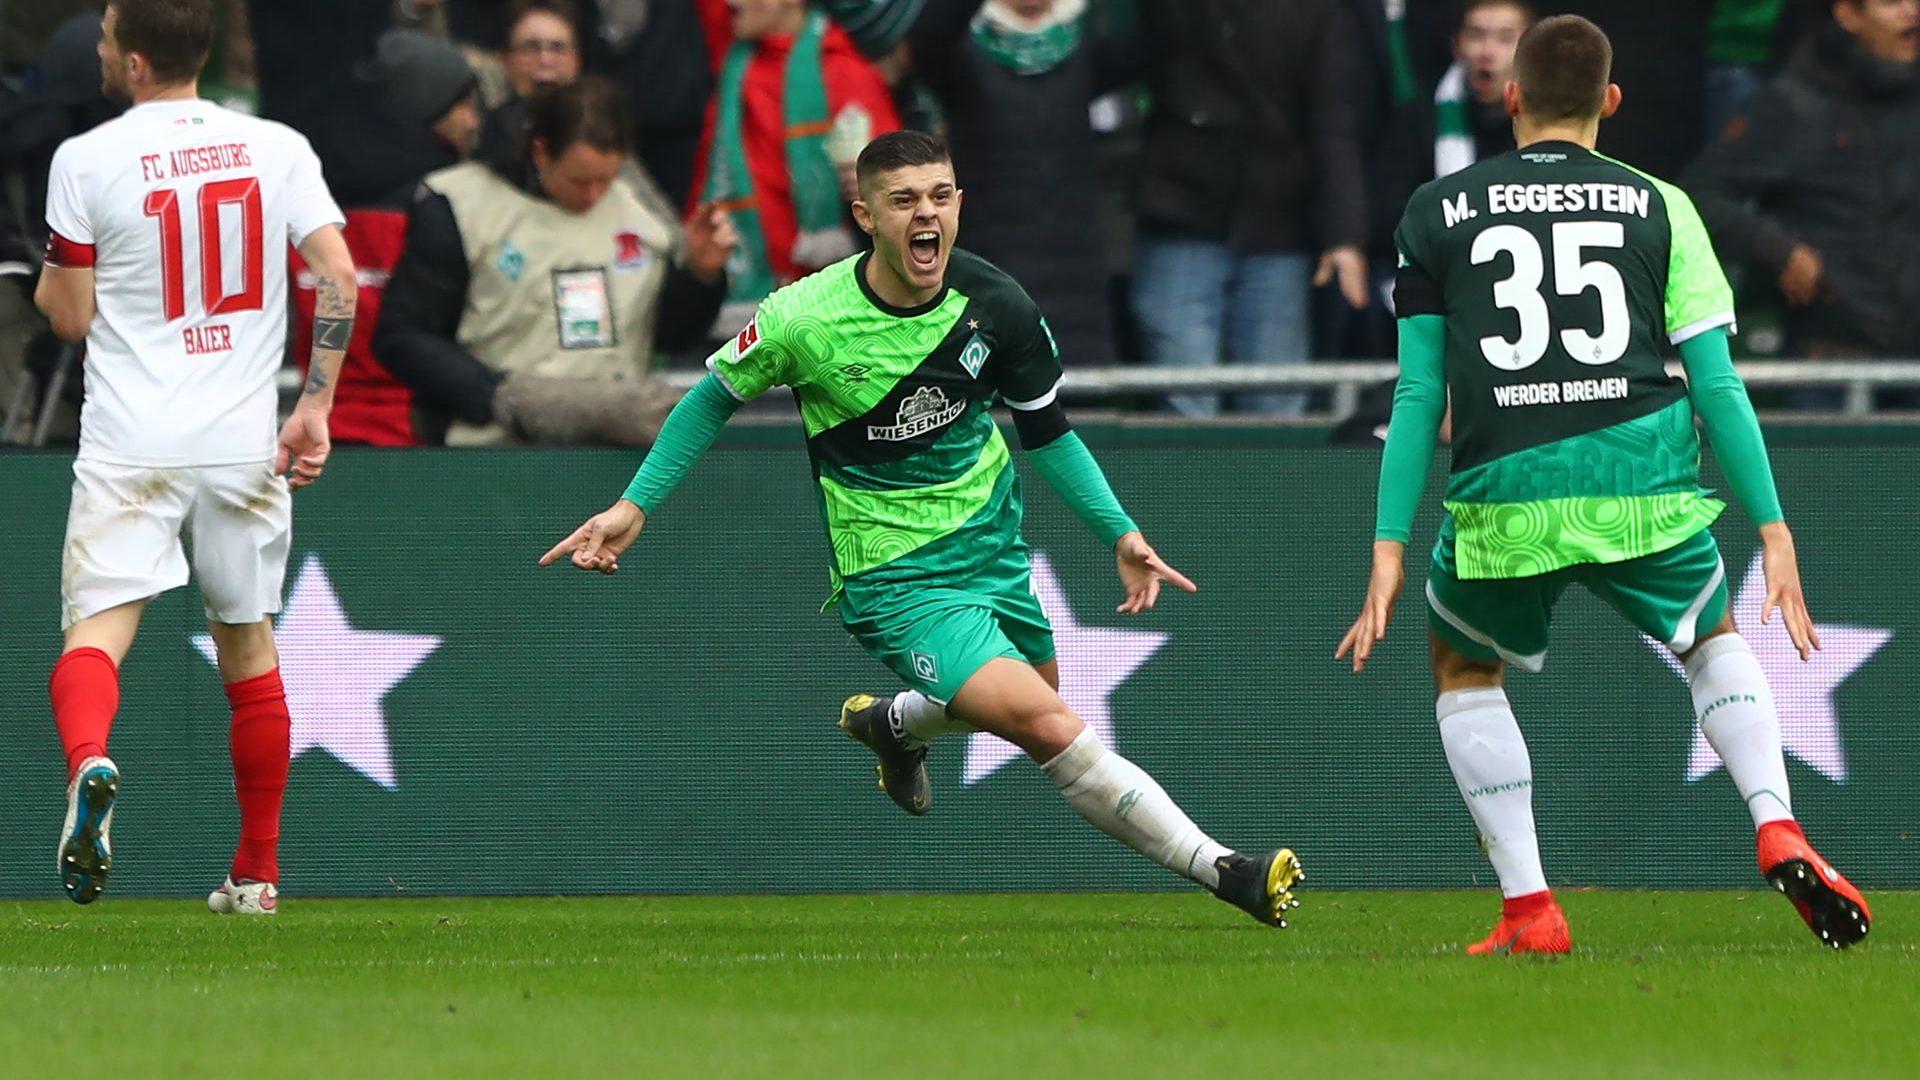 Die Top-5-Tore der erfolgreichsten Stürmer in 2019